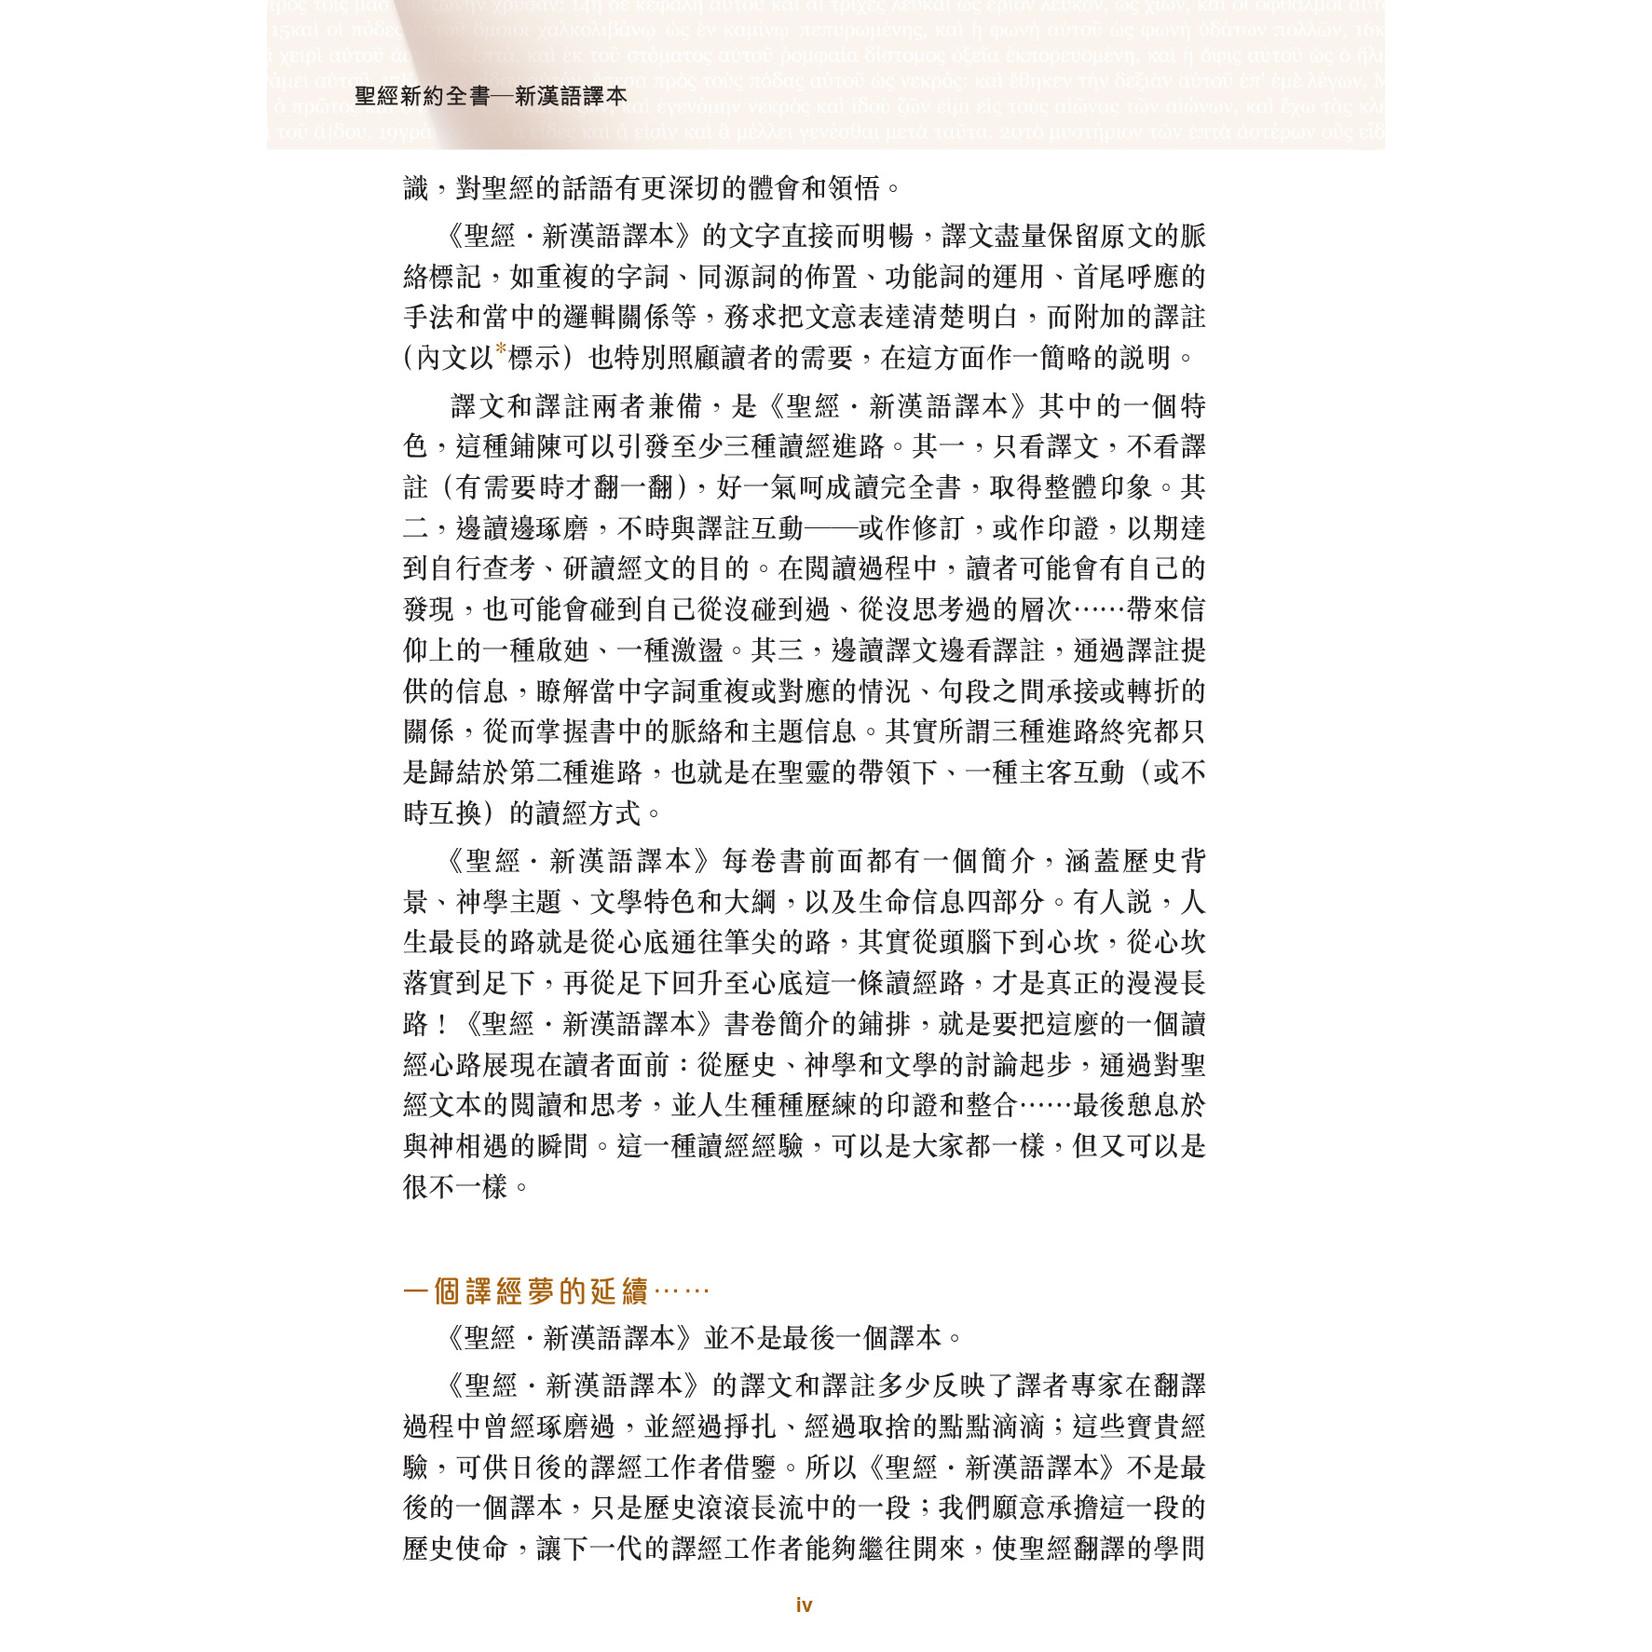 漢語聖經協會 Chinese Bible International 聖經.新漢語譯本.新約全書.註釋版.大字版(繁體)